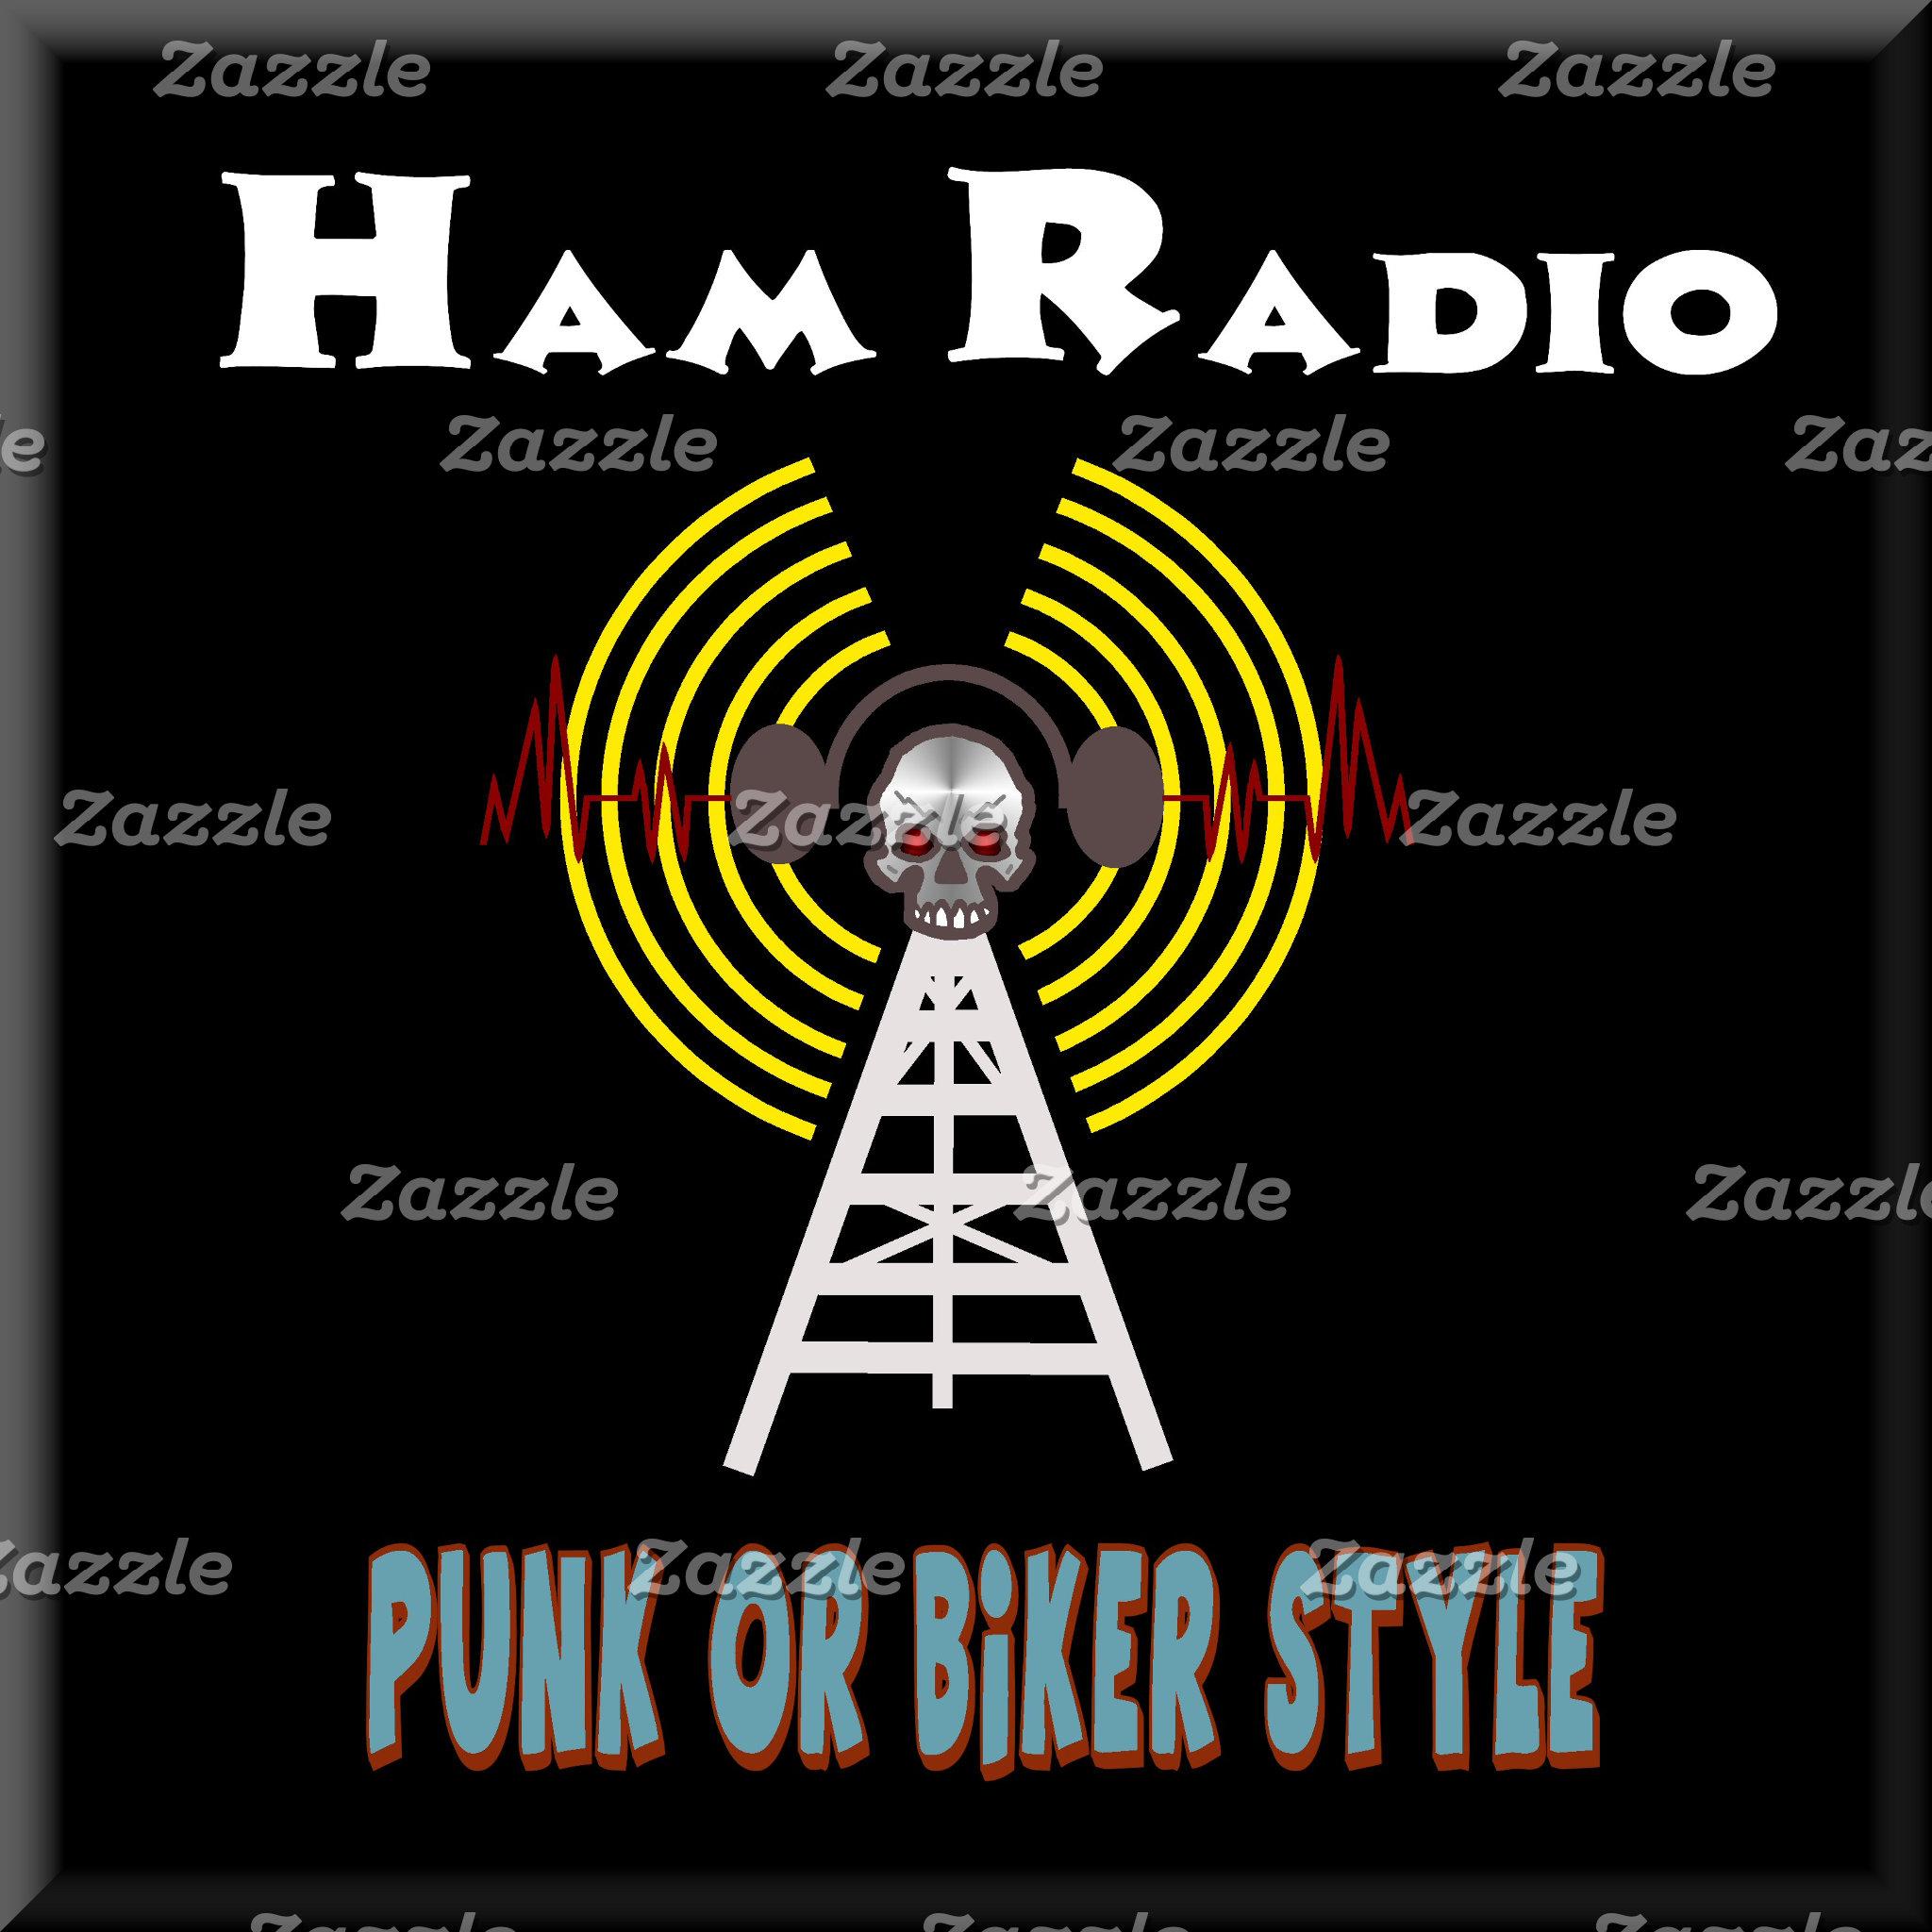 HAM RADIO PUNK